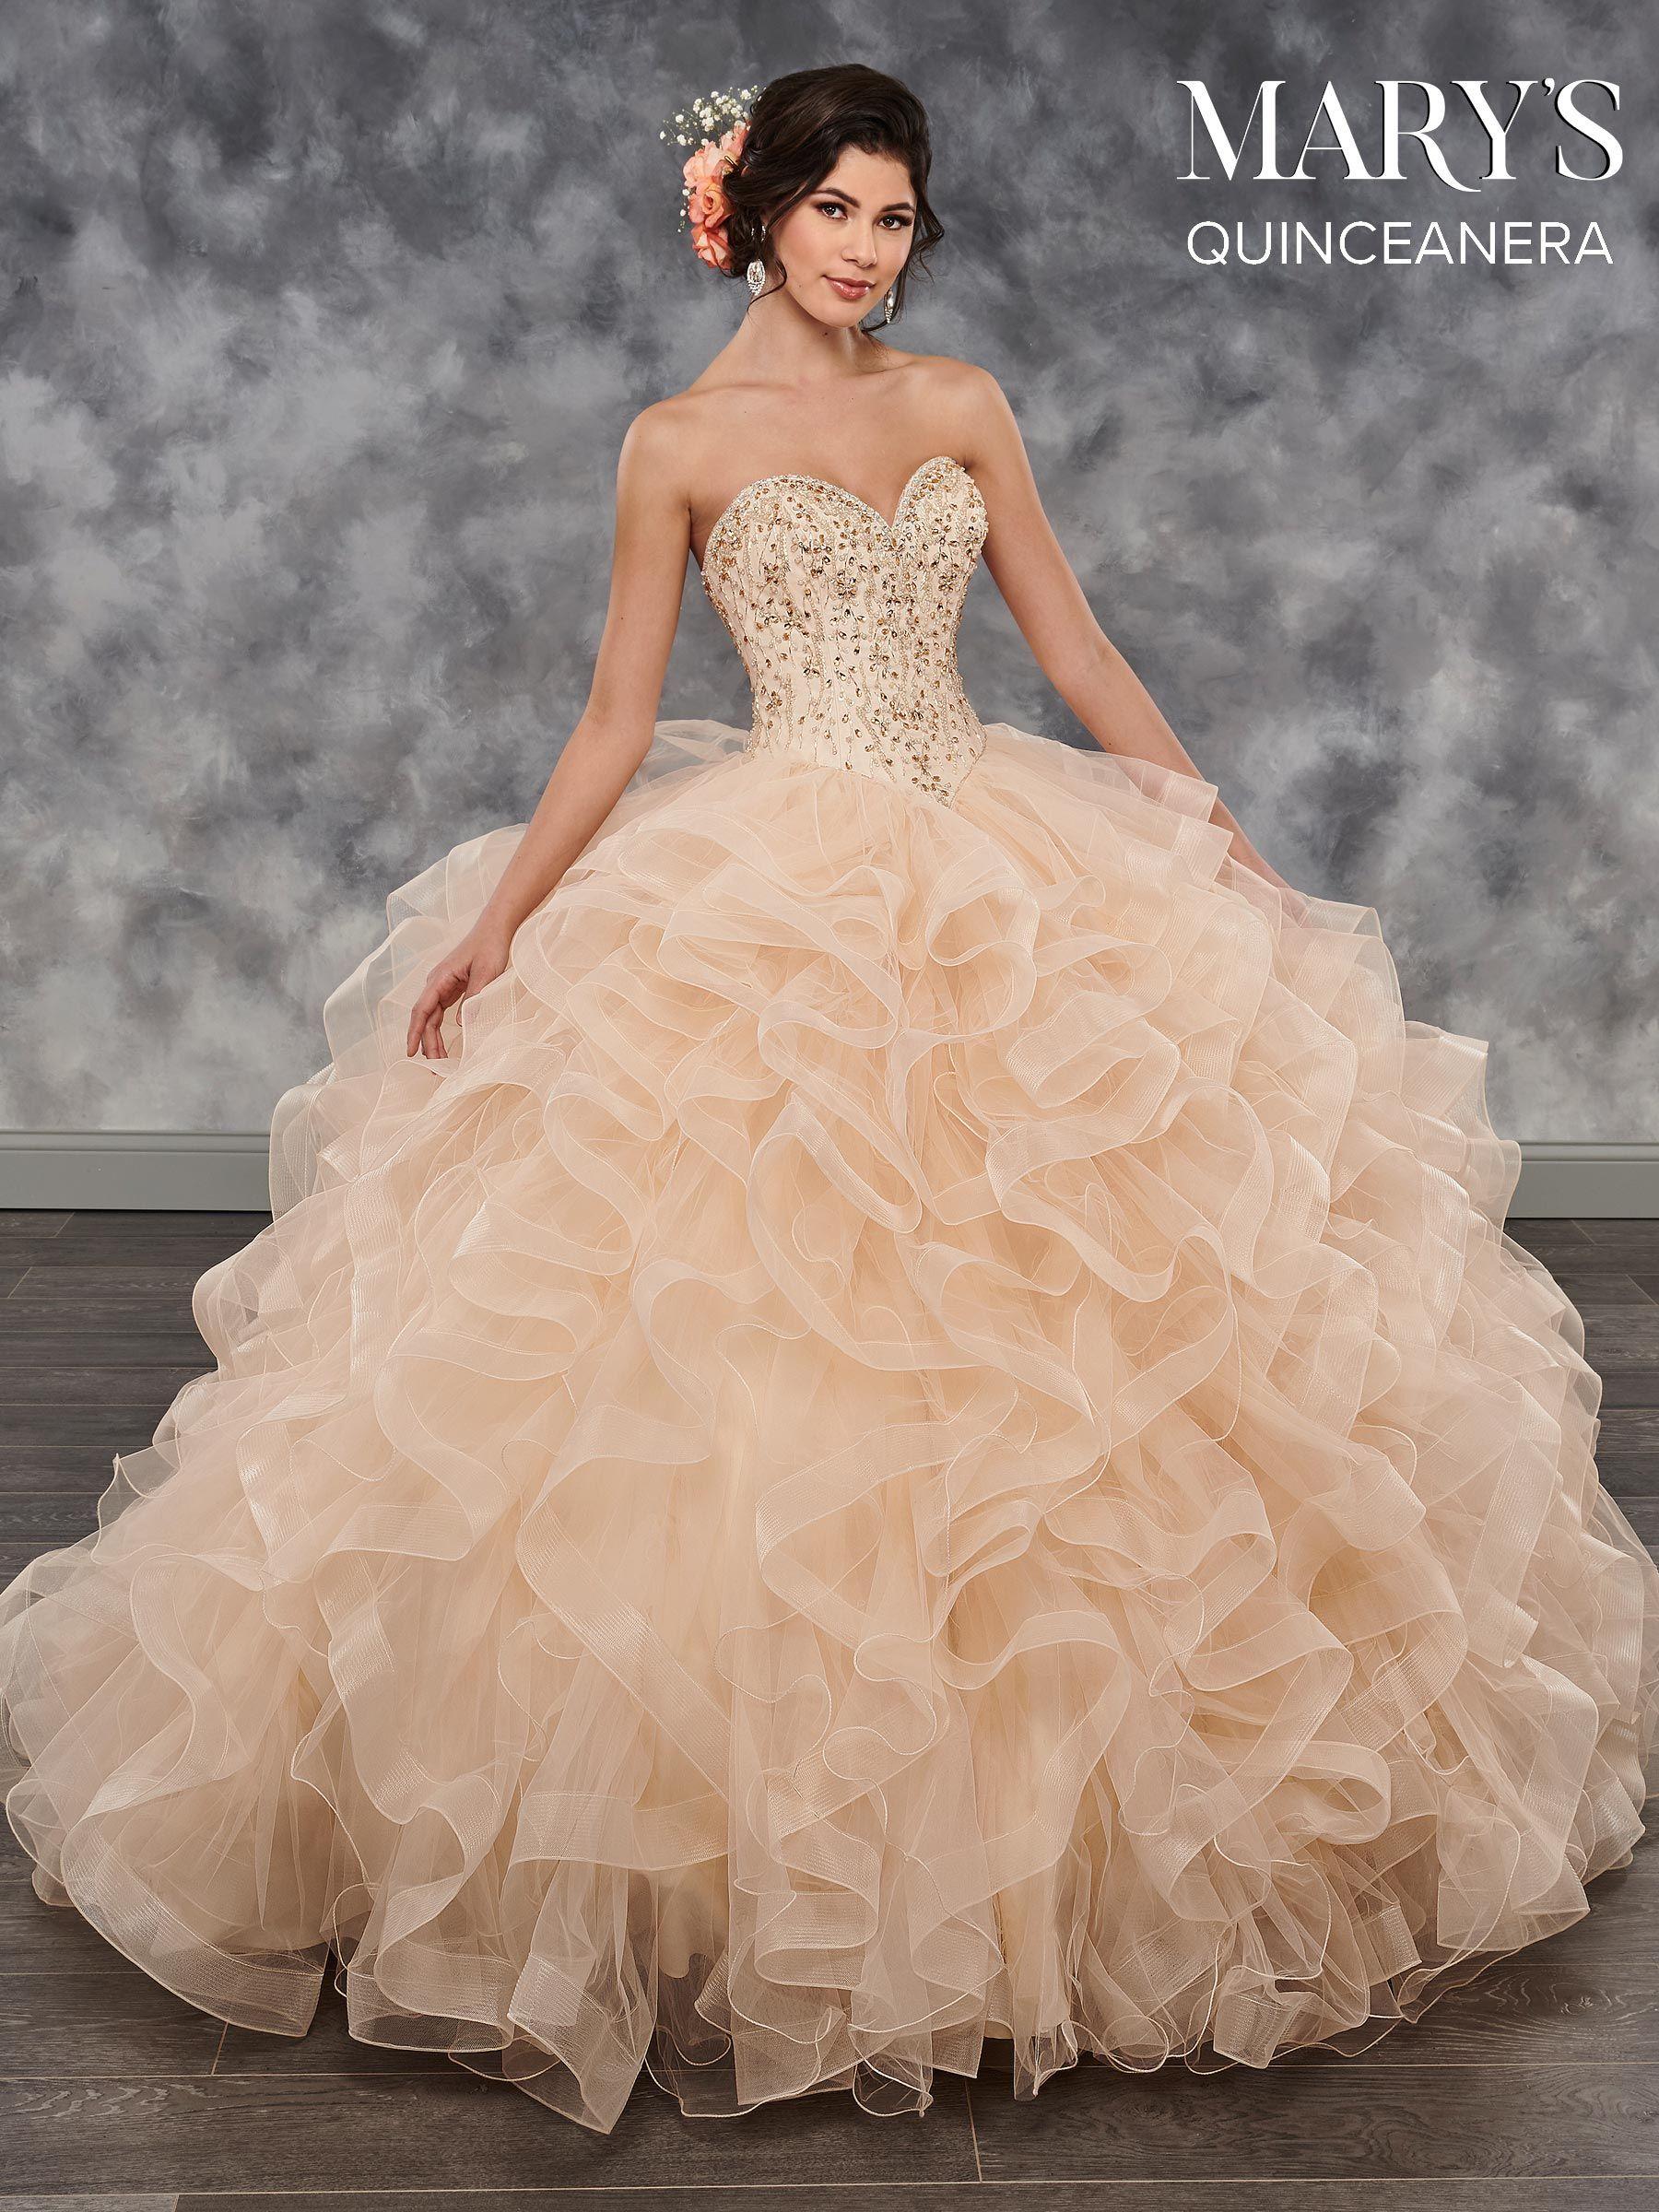 0e66d31eb1f Quinceanera Sweet 16 Dresses